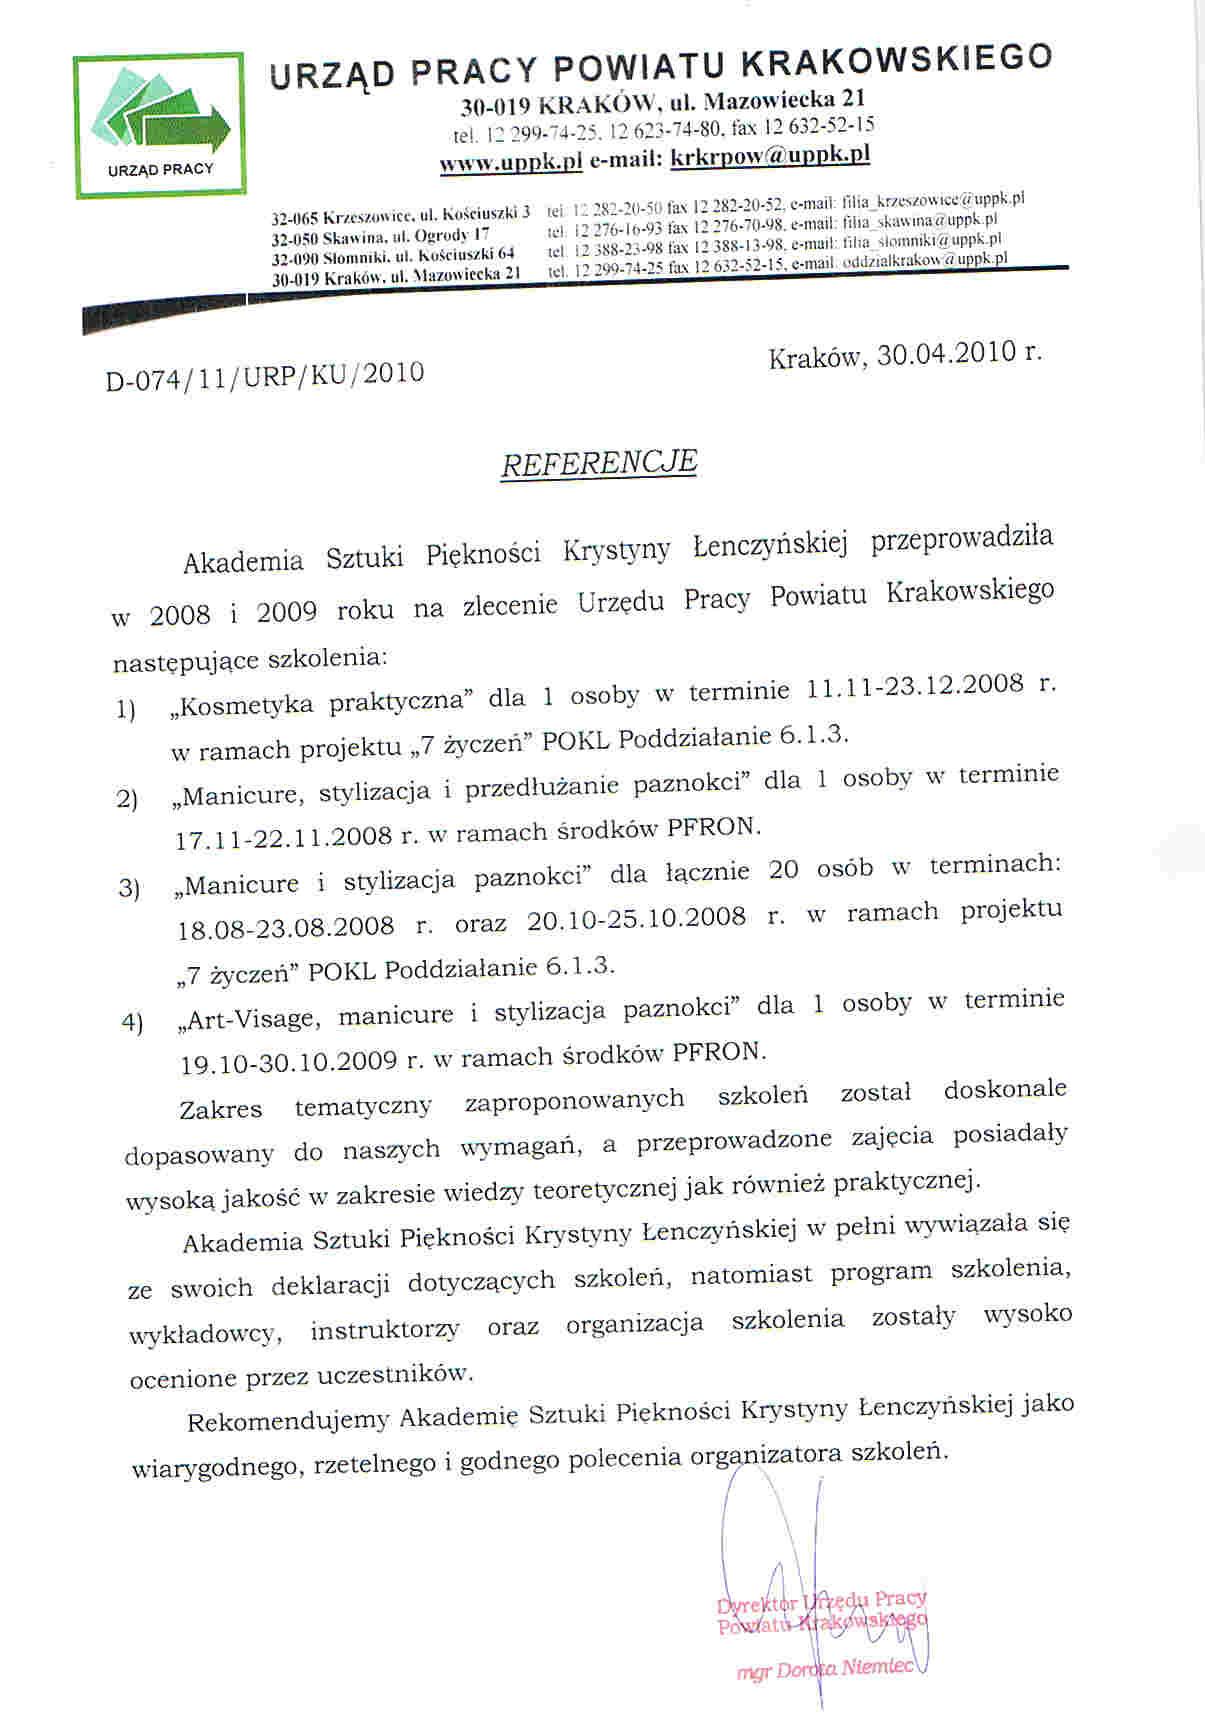 Urząd Pracy Powiatu Krakowskiego-Kraków